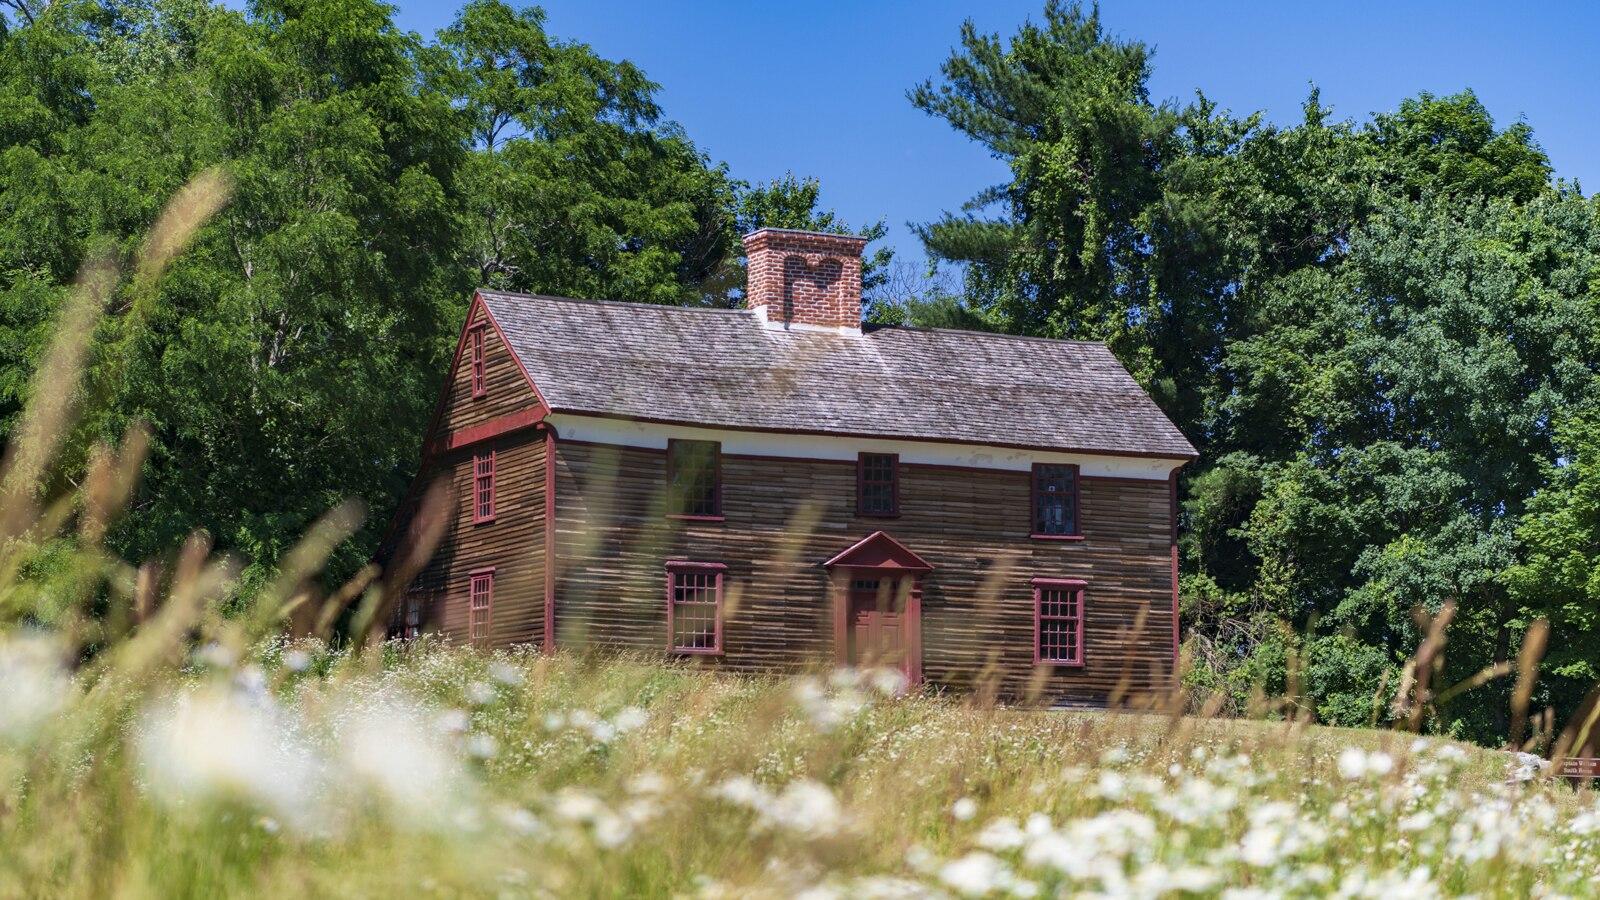 Una histórica casa de dos pisos con una fachada de madera oscura, rebordes rojos y una gran chimenea central.